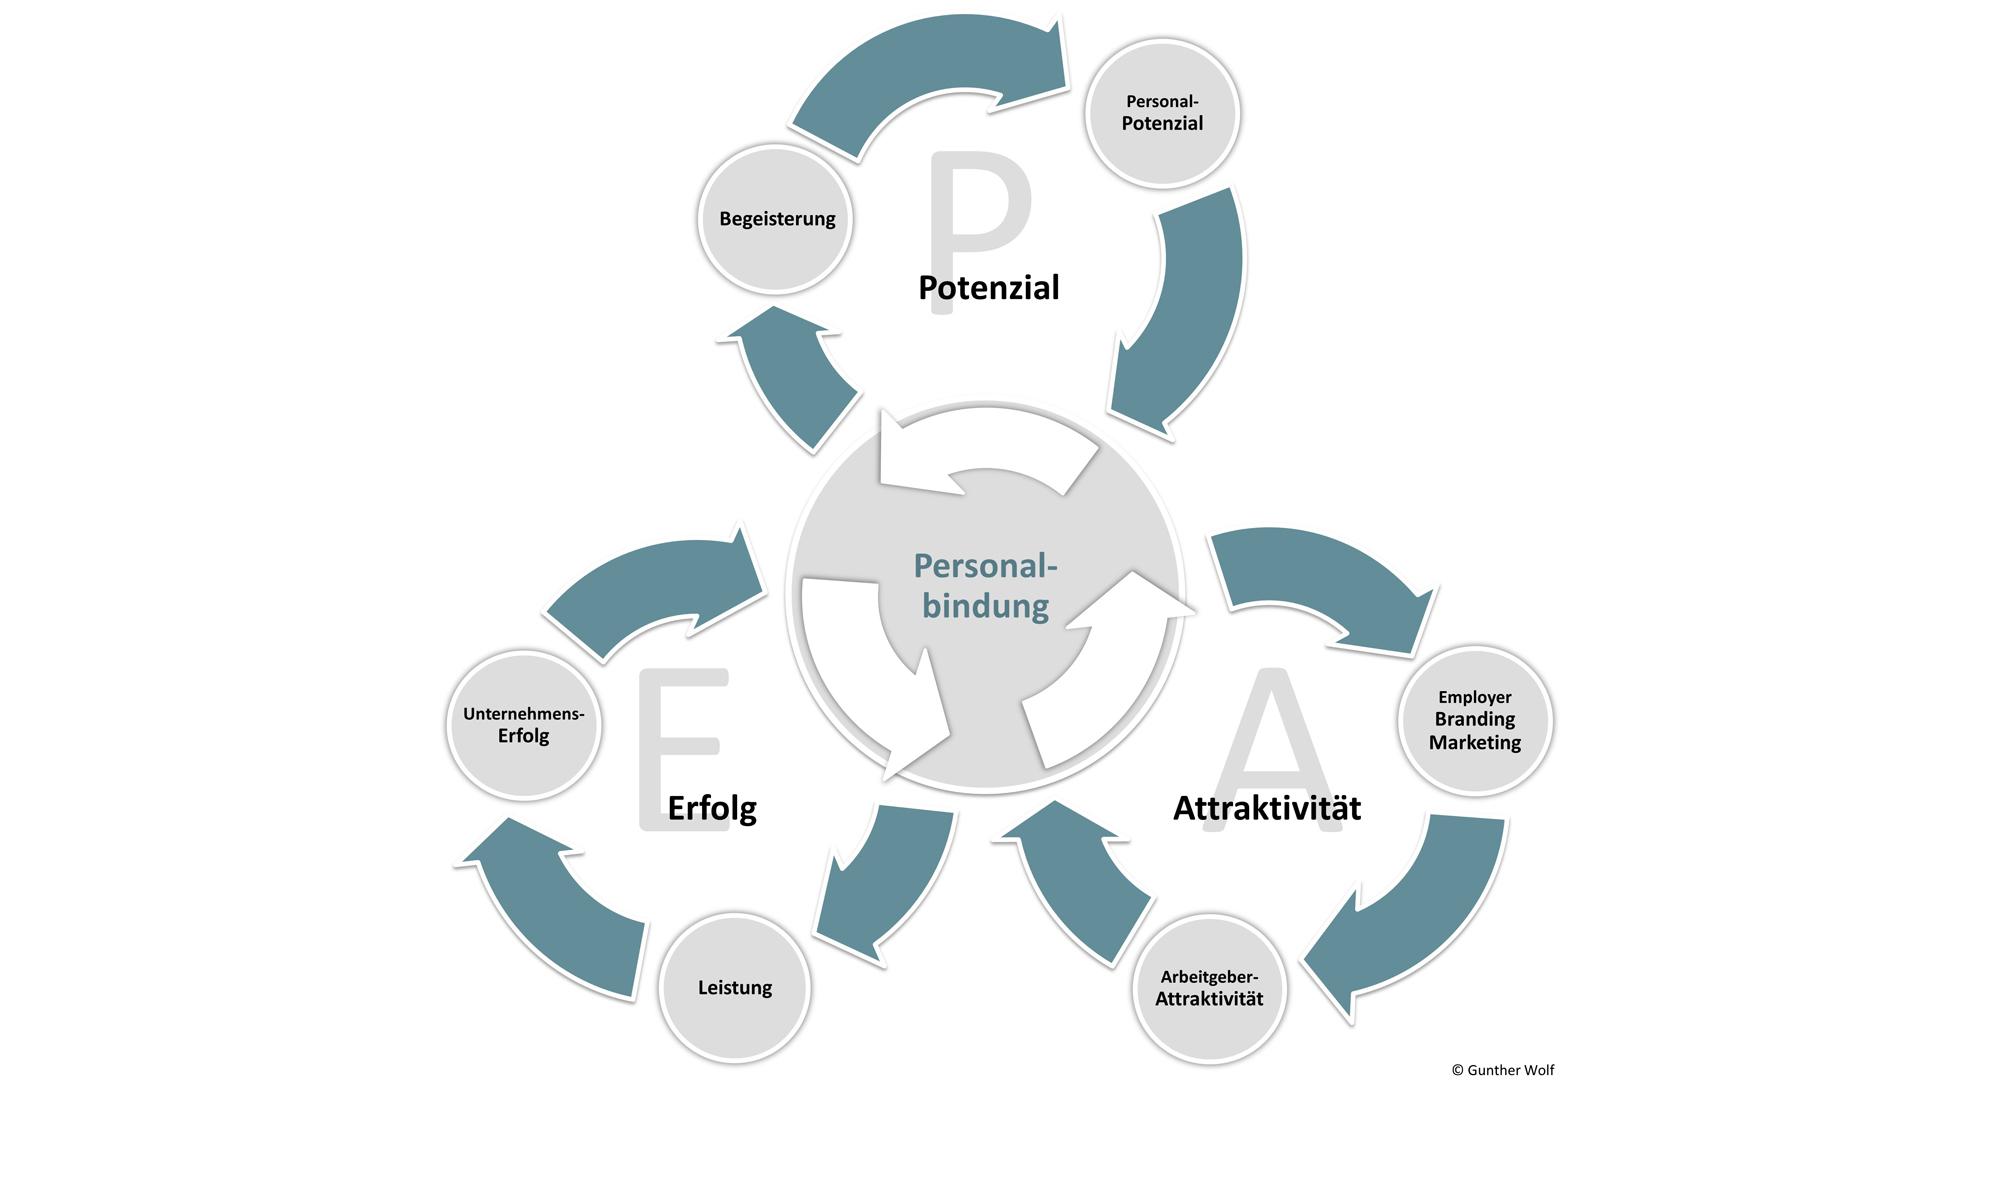 Personalpotenzial Unternehmenserfolg Arbeitgeberattraktivität